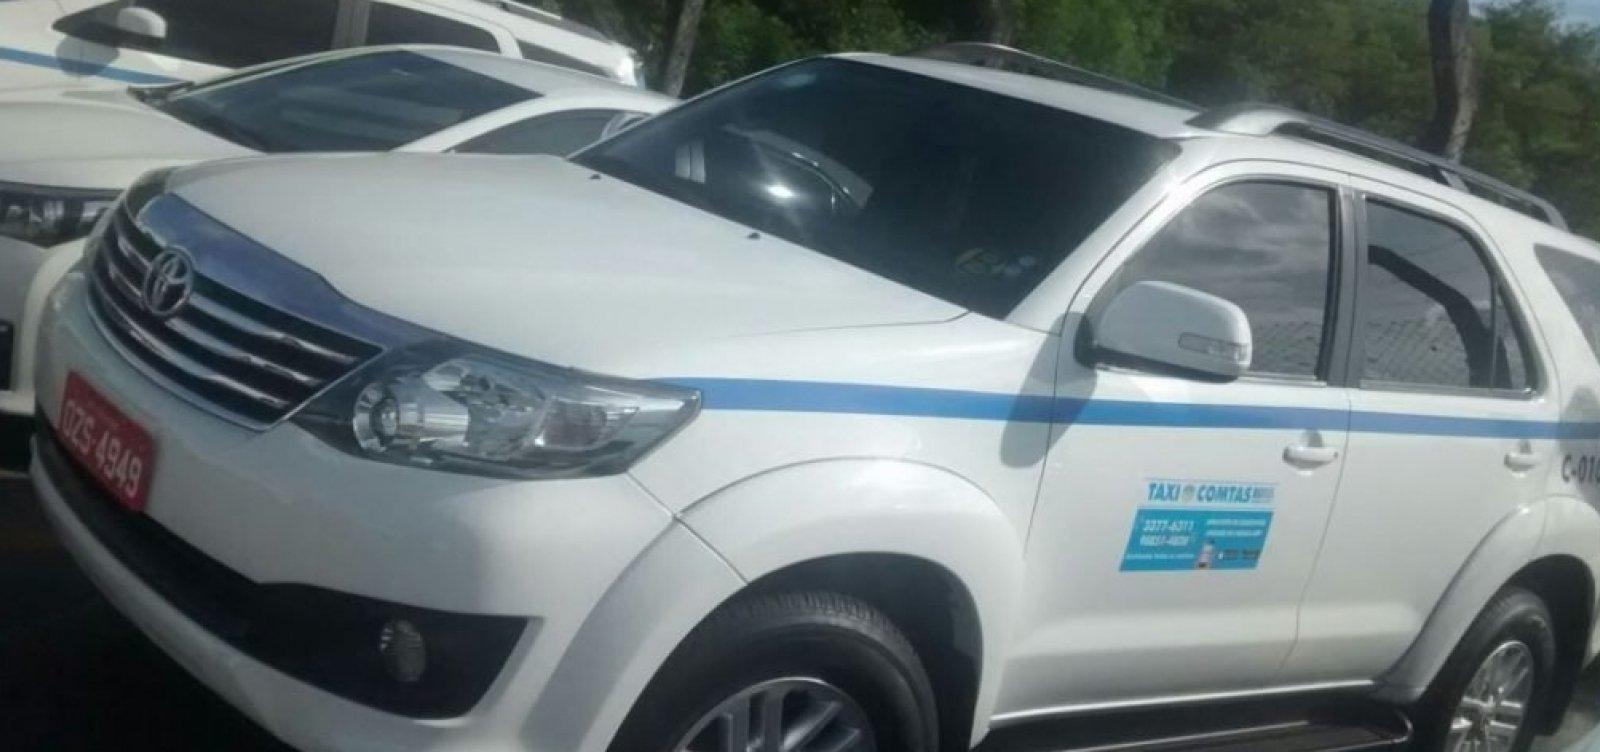 [Táxis especiais serão inspecionados pela prefeitura a partir desta segunda]